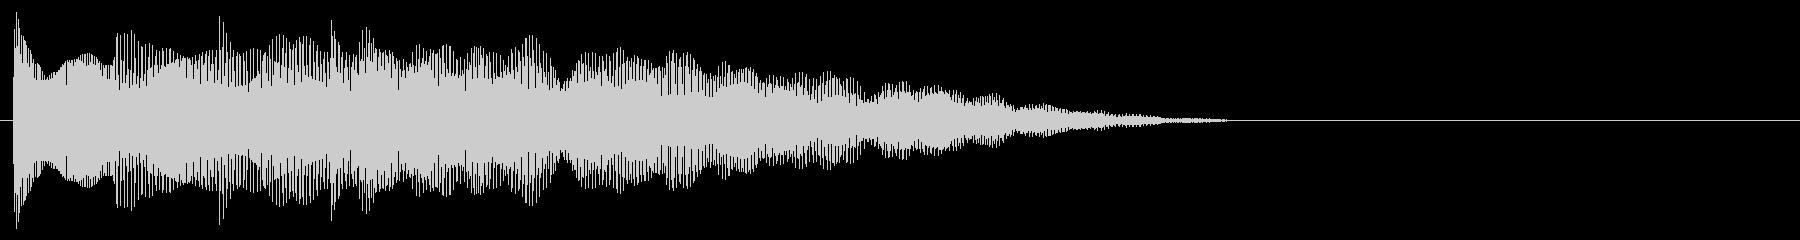 マレット系 決定音13(大)の未再生の波形